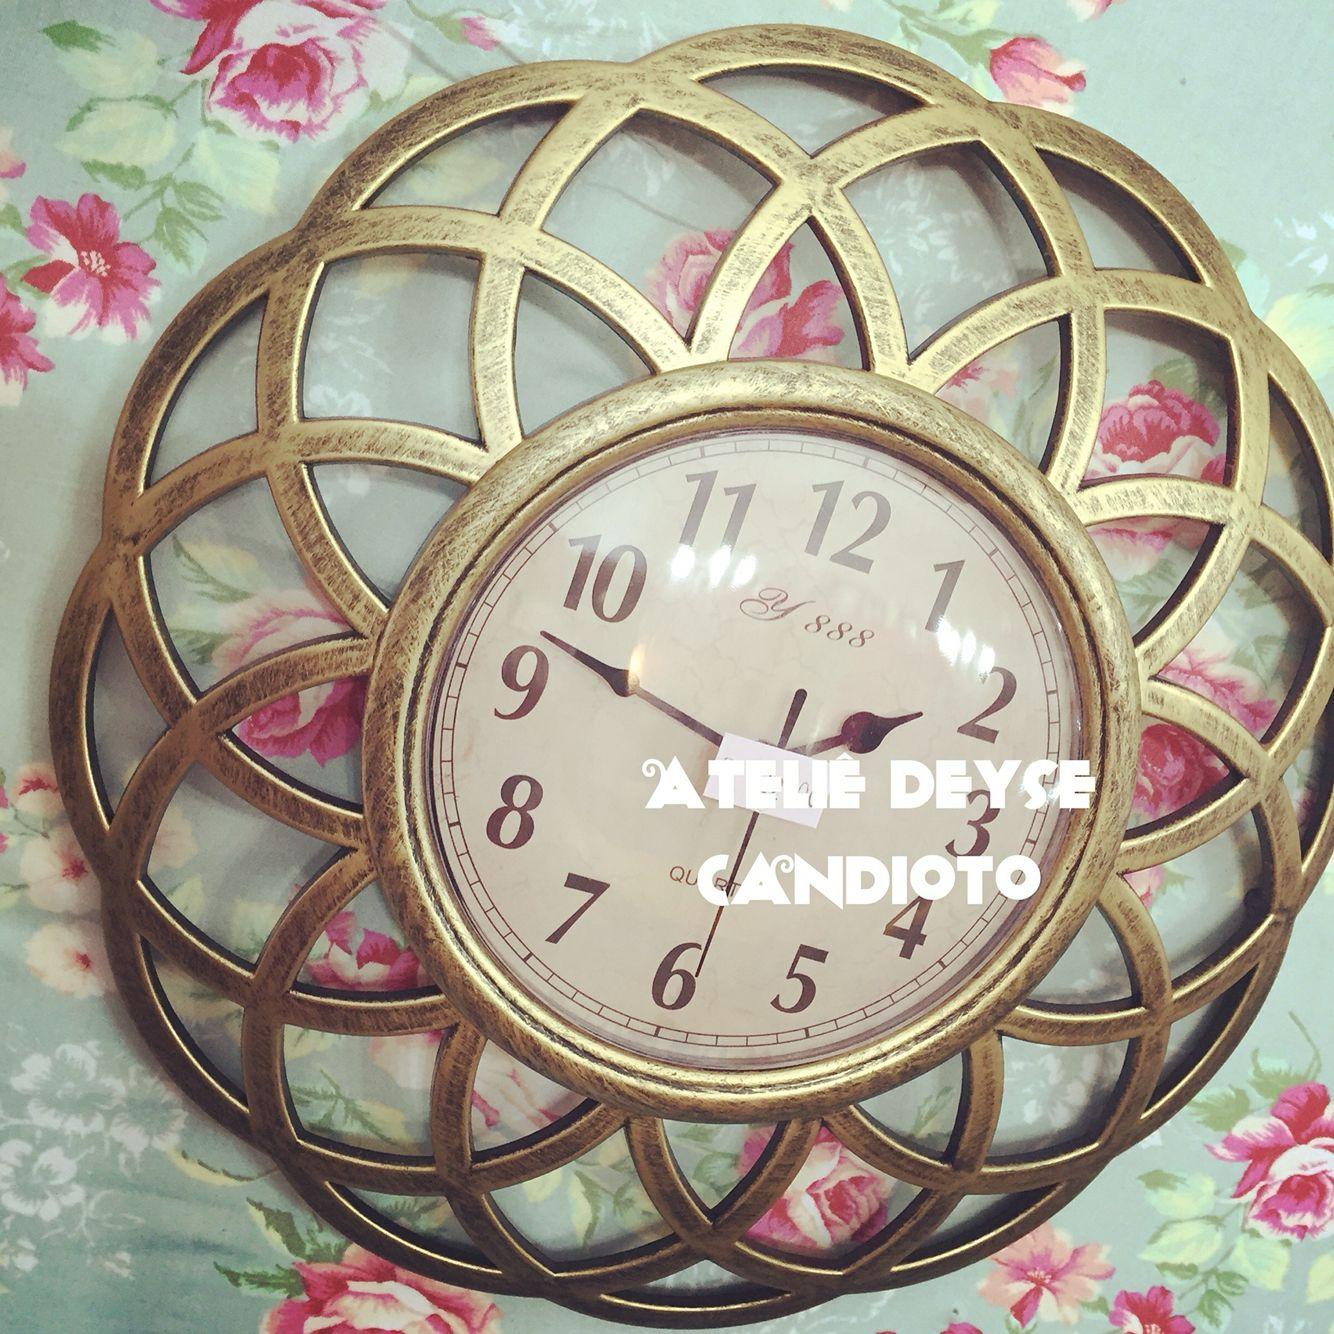 Relógio Dourado 22,00...QUEM NAMORA UM DIA CASA..... Presenteie quem vc ama,casados também namora.....❤️❤️❤️Vitrine Nova.....Zona Norte-Rua Parapuã,1936 SP #amomeutrabalho...